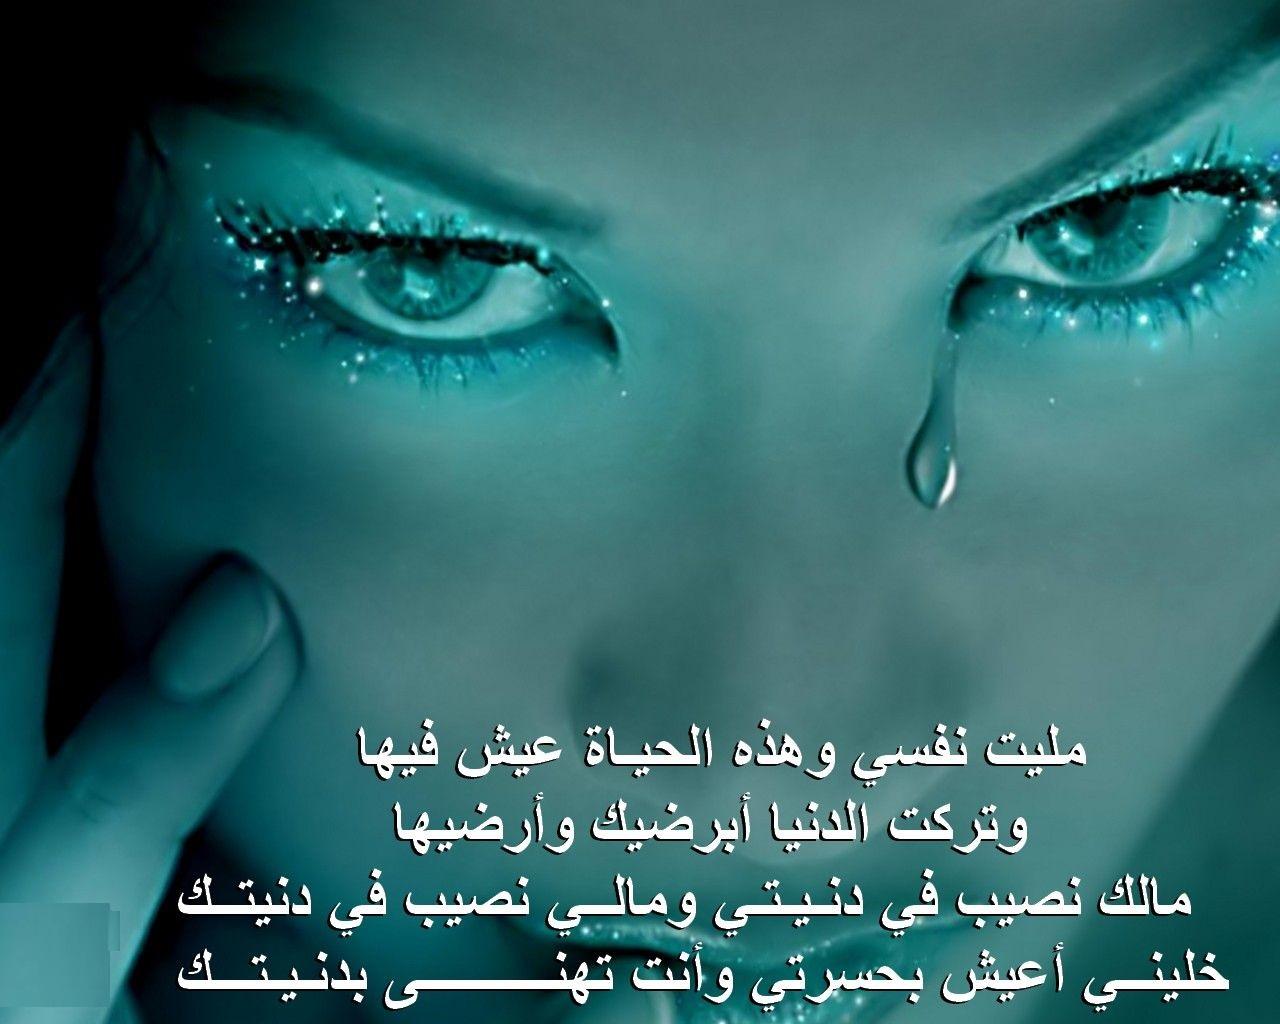 بالصور اجمل العبارات الحزينه , اقوي الجمل المعبرة عن الحزن 3721 10